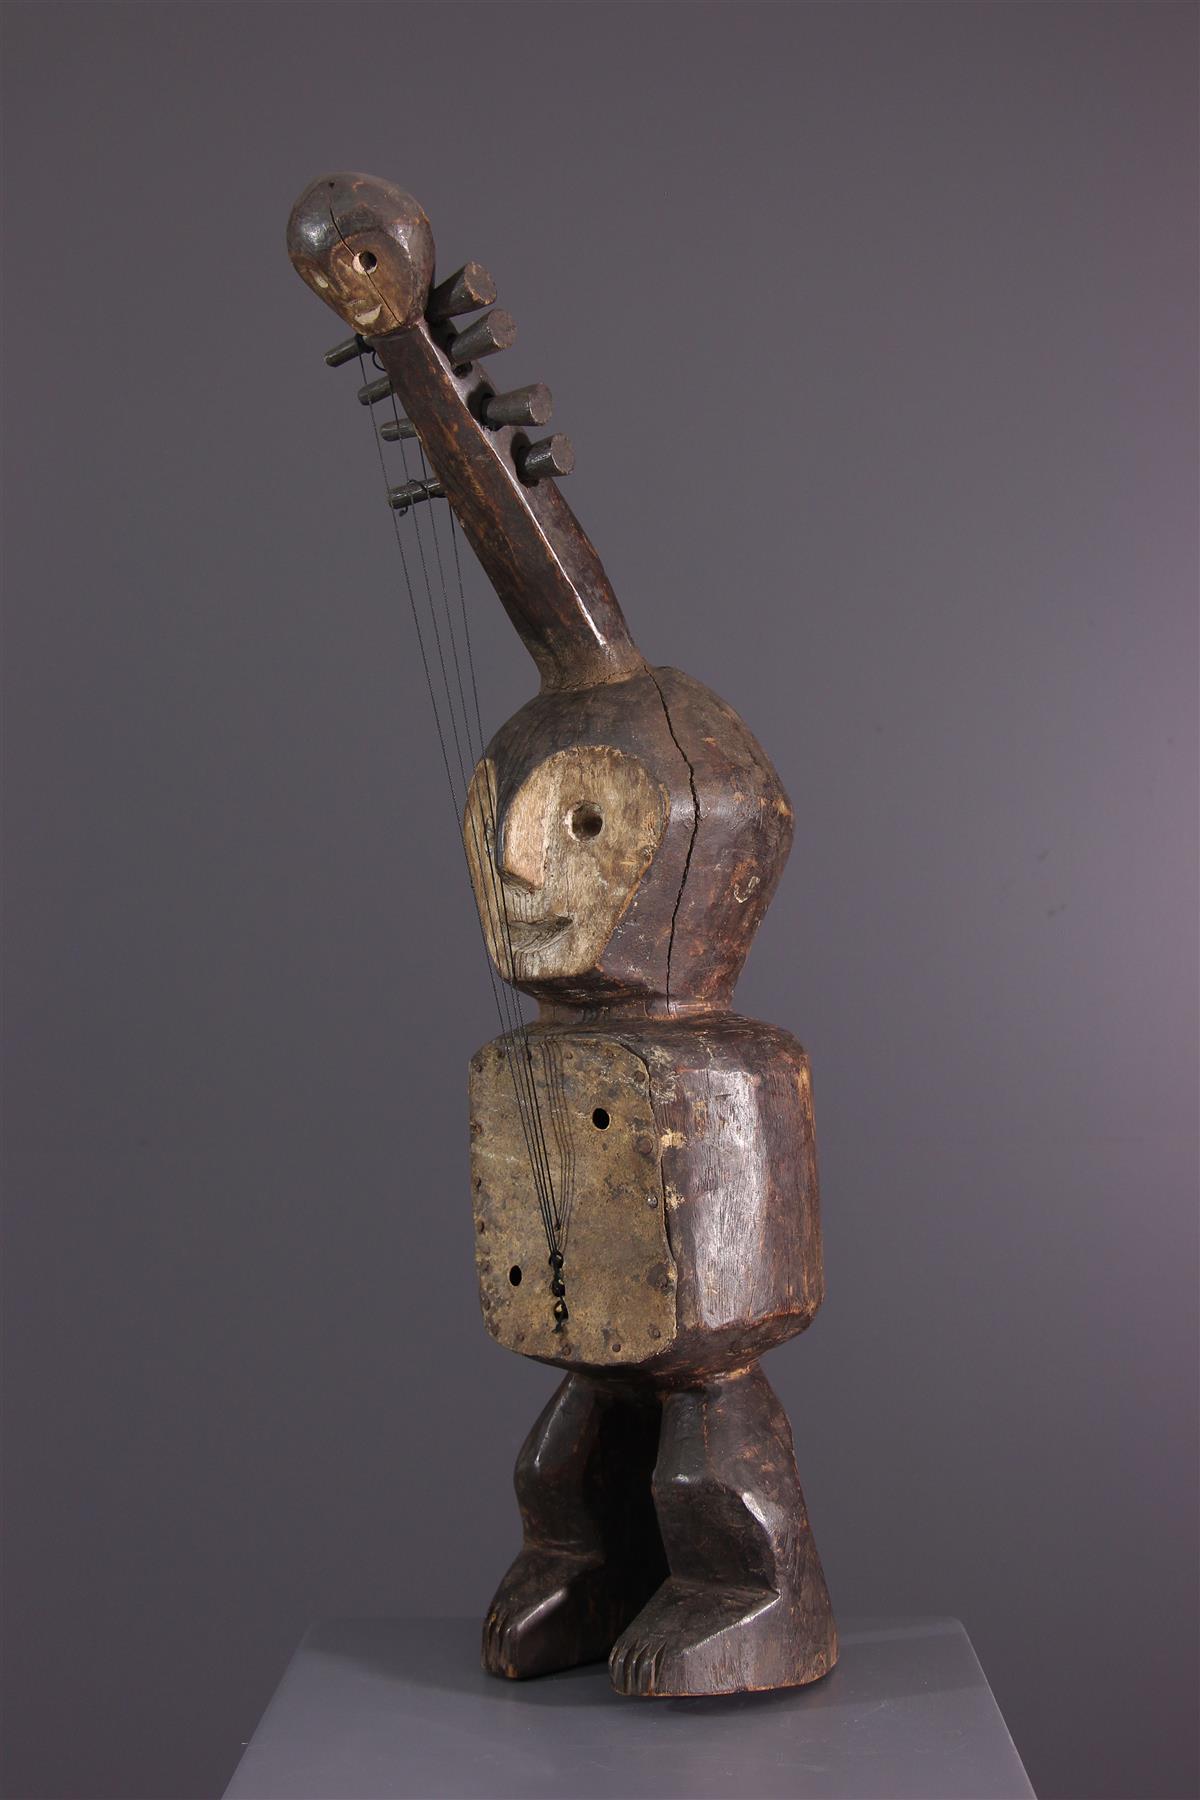 Lega Guitar - African art